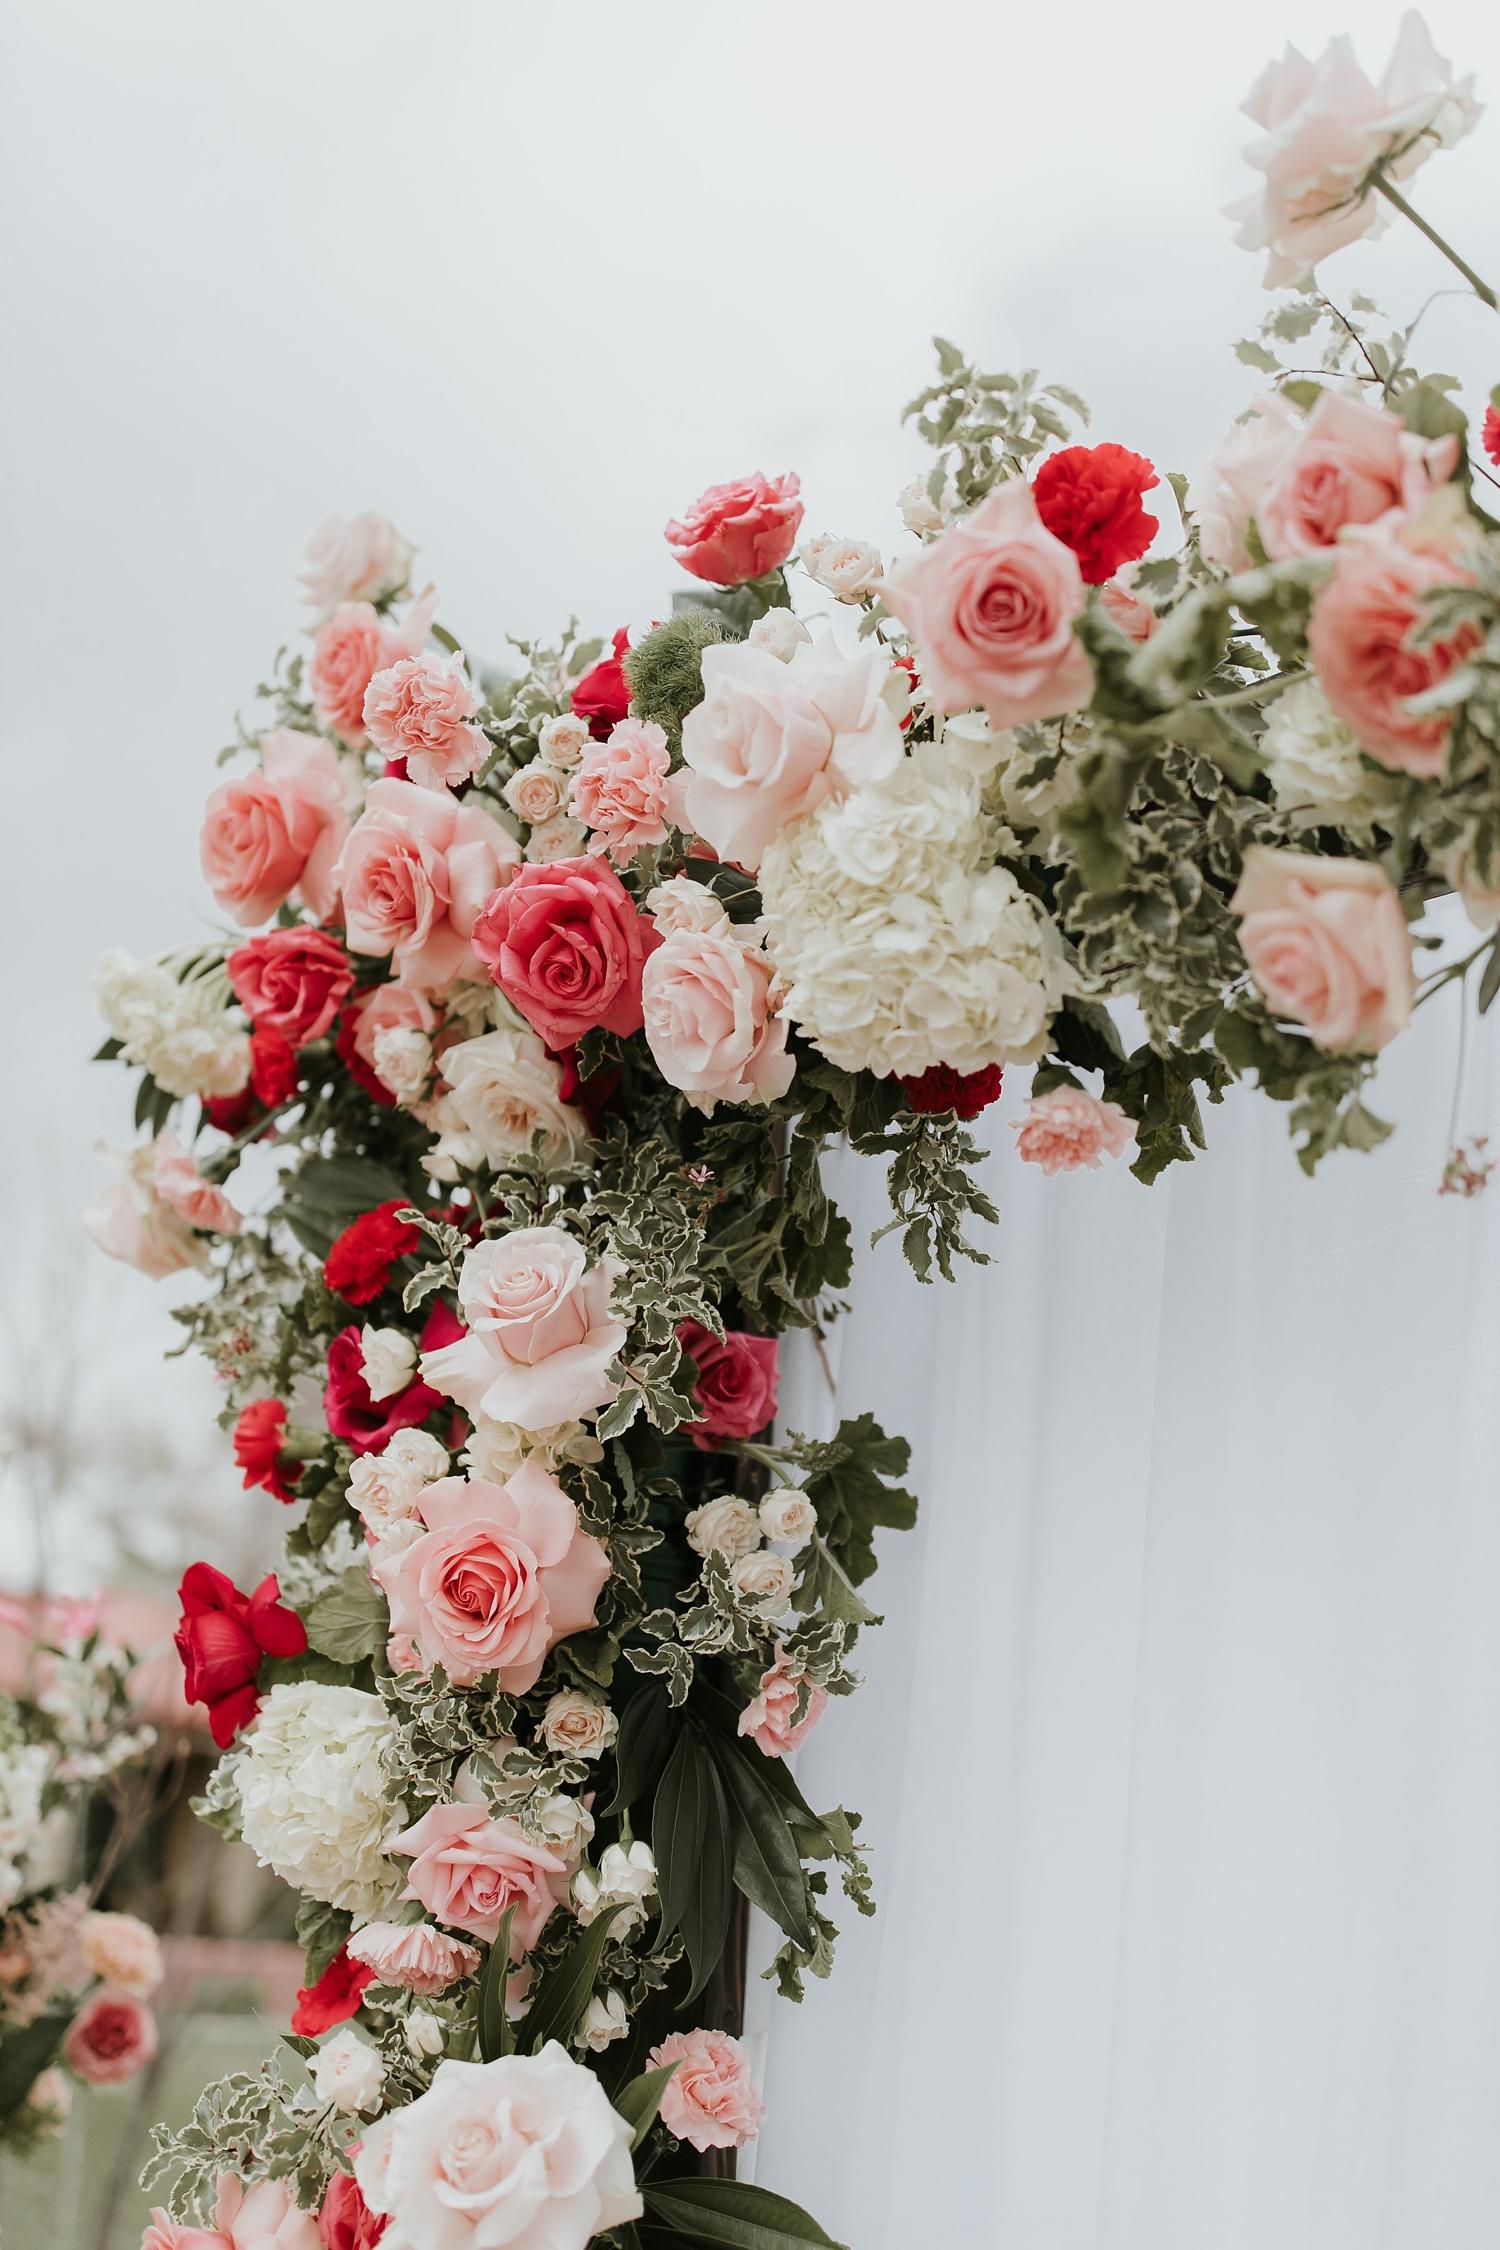 Alicia+lucia+photography+-+albuquerque+wedding+photographer+-+santa+fe+wedding+photography+-+new+mexico+wedding+photographer+-+new+mexico+engagement+-+la+mesita+ranch+wedding+-+la+mesita+ranch+spring+wedding_0029.jpg